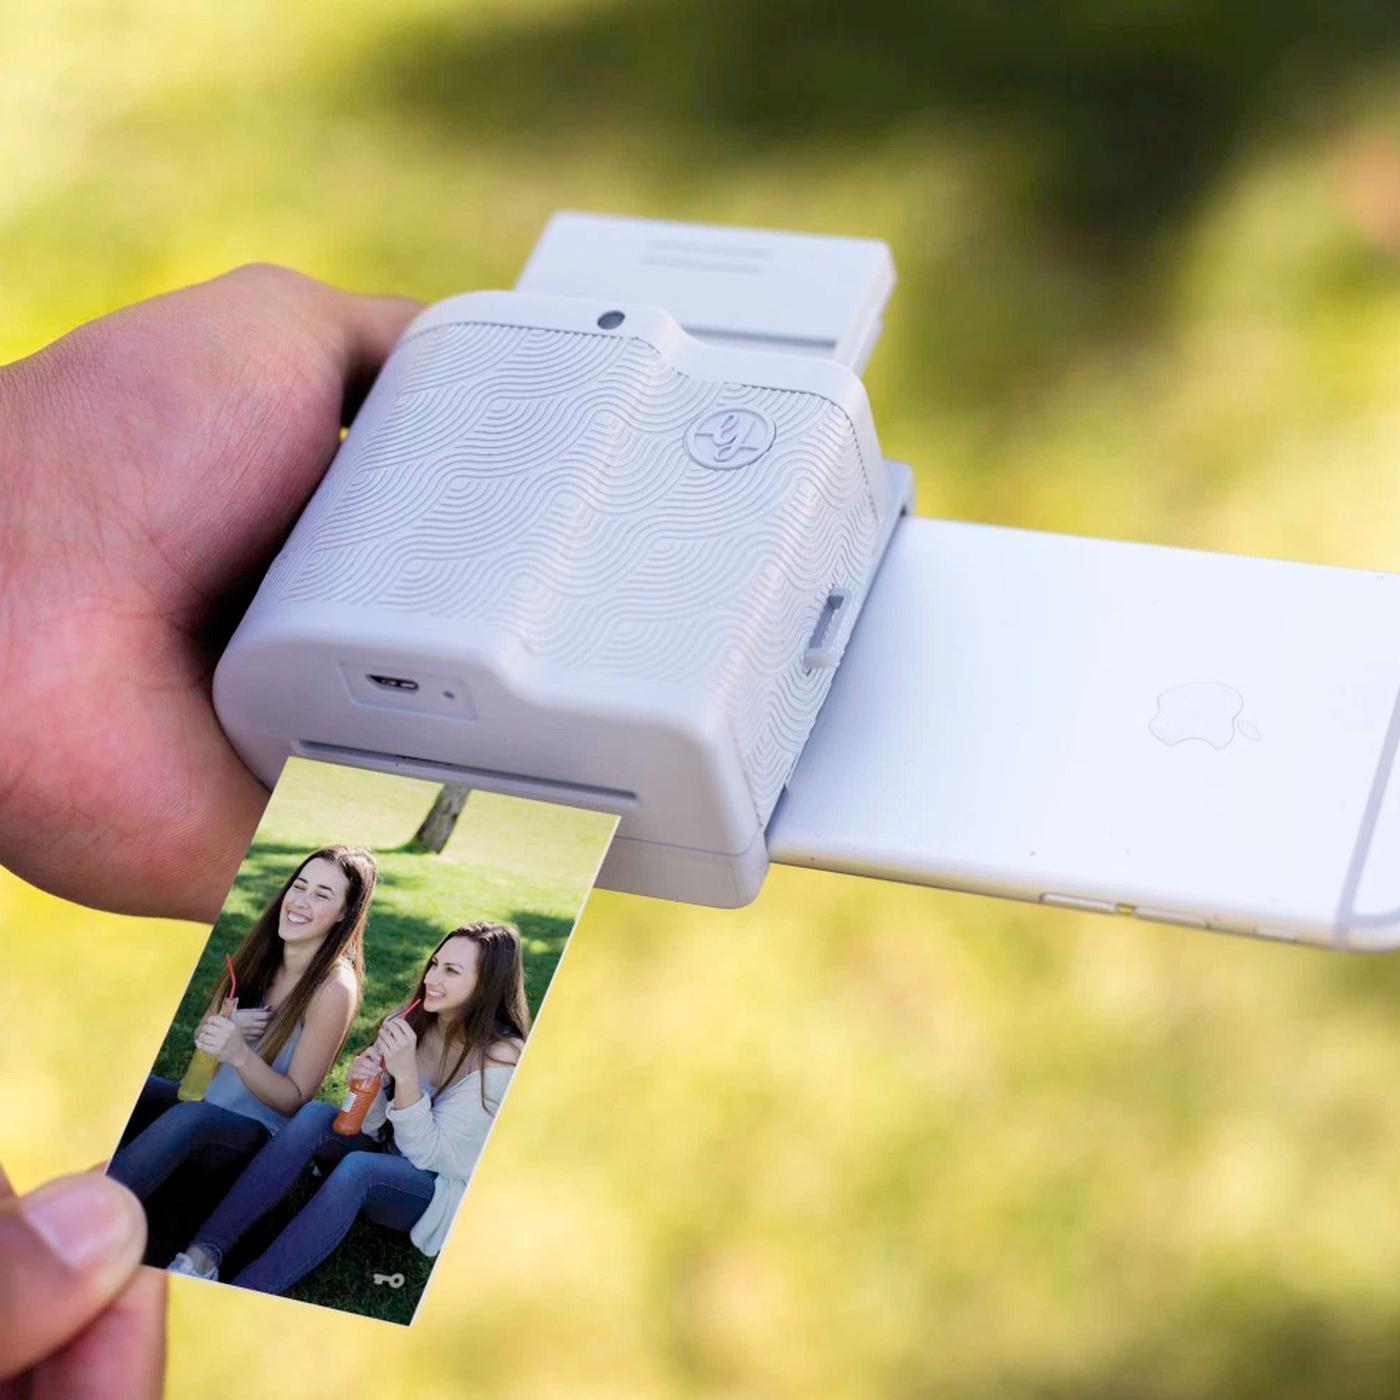 что распечатать фото с айфона в москве музыку